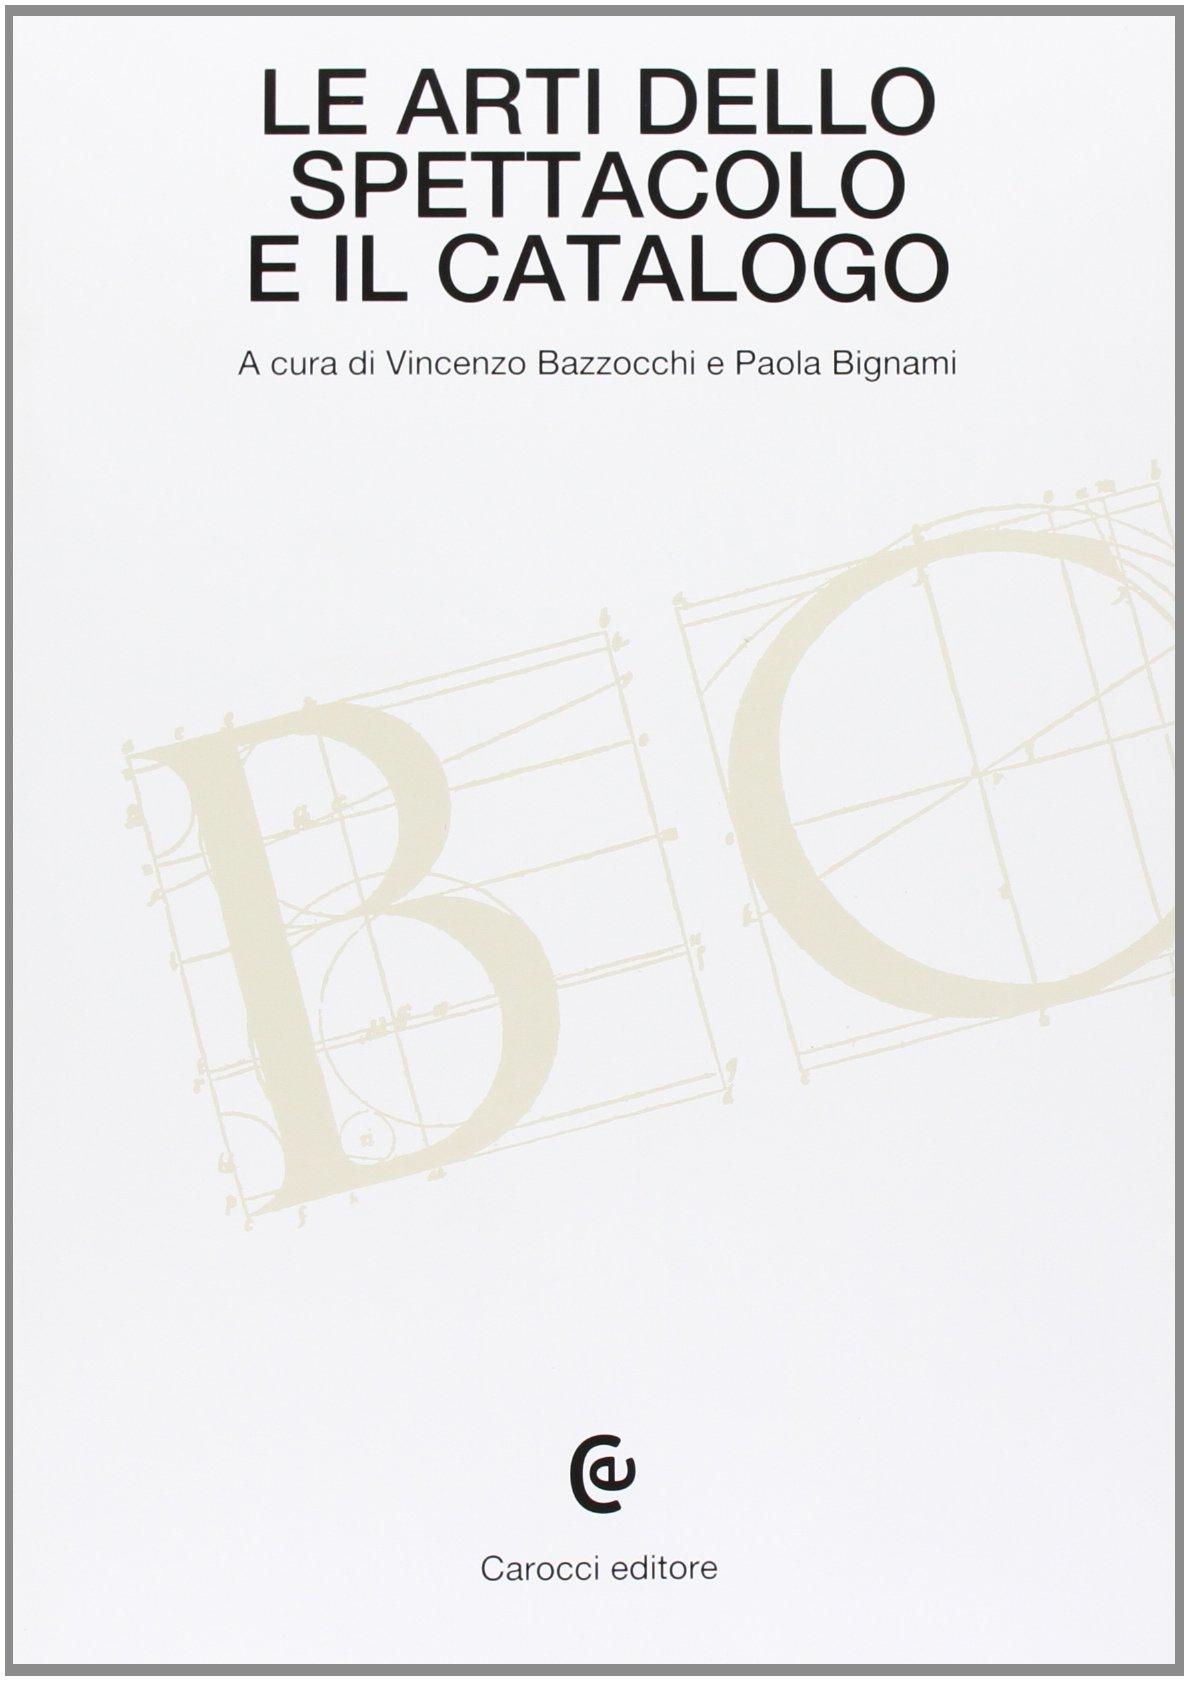 Le arti dello spettacolo e il catalogo Copertina flessibile – 3 ott 2013 V. Bazzocchi P. Bignami Carocci 8843069691